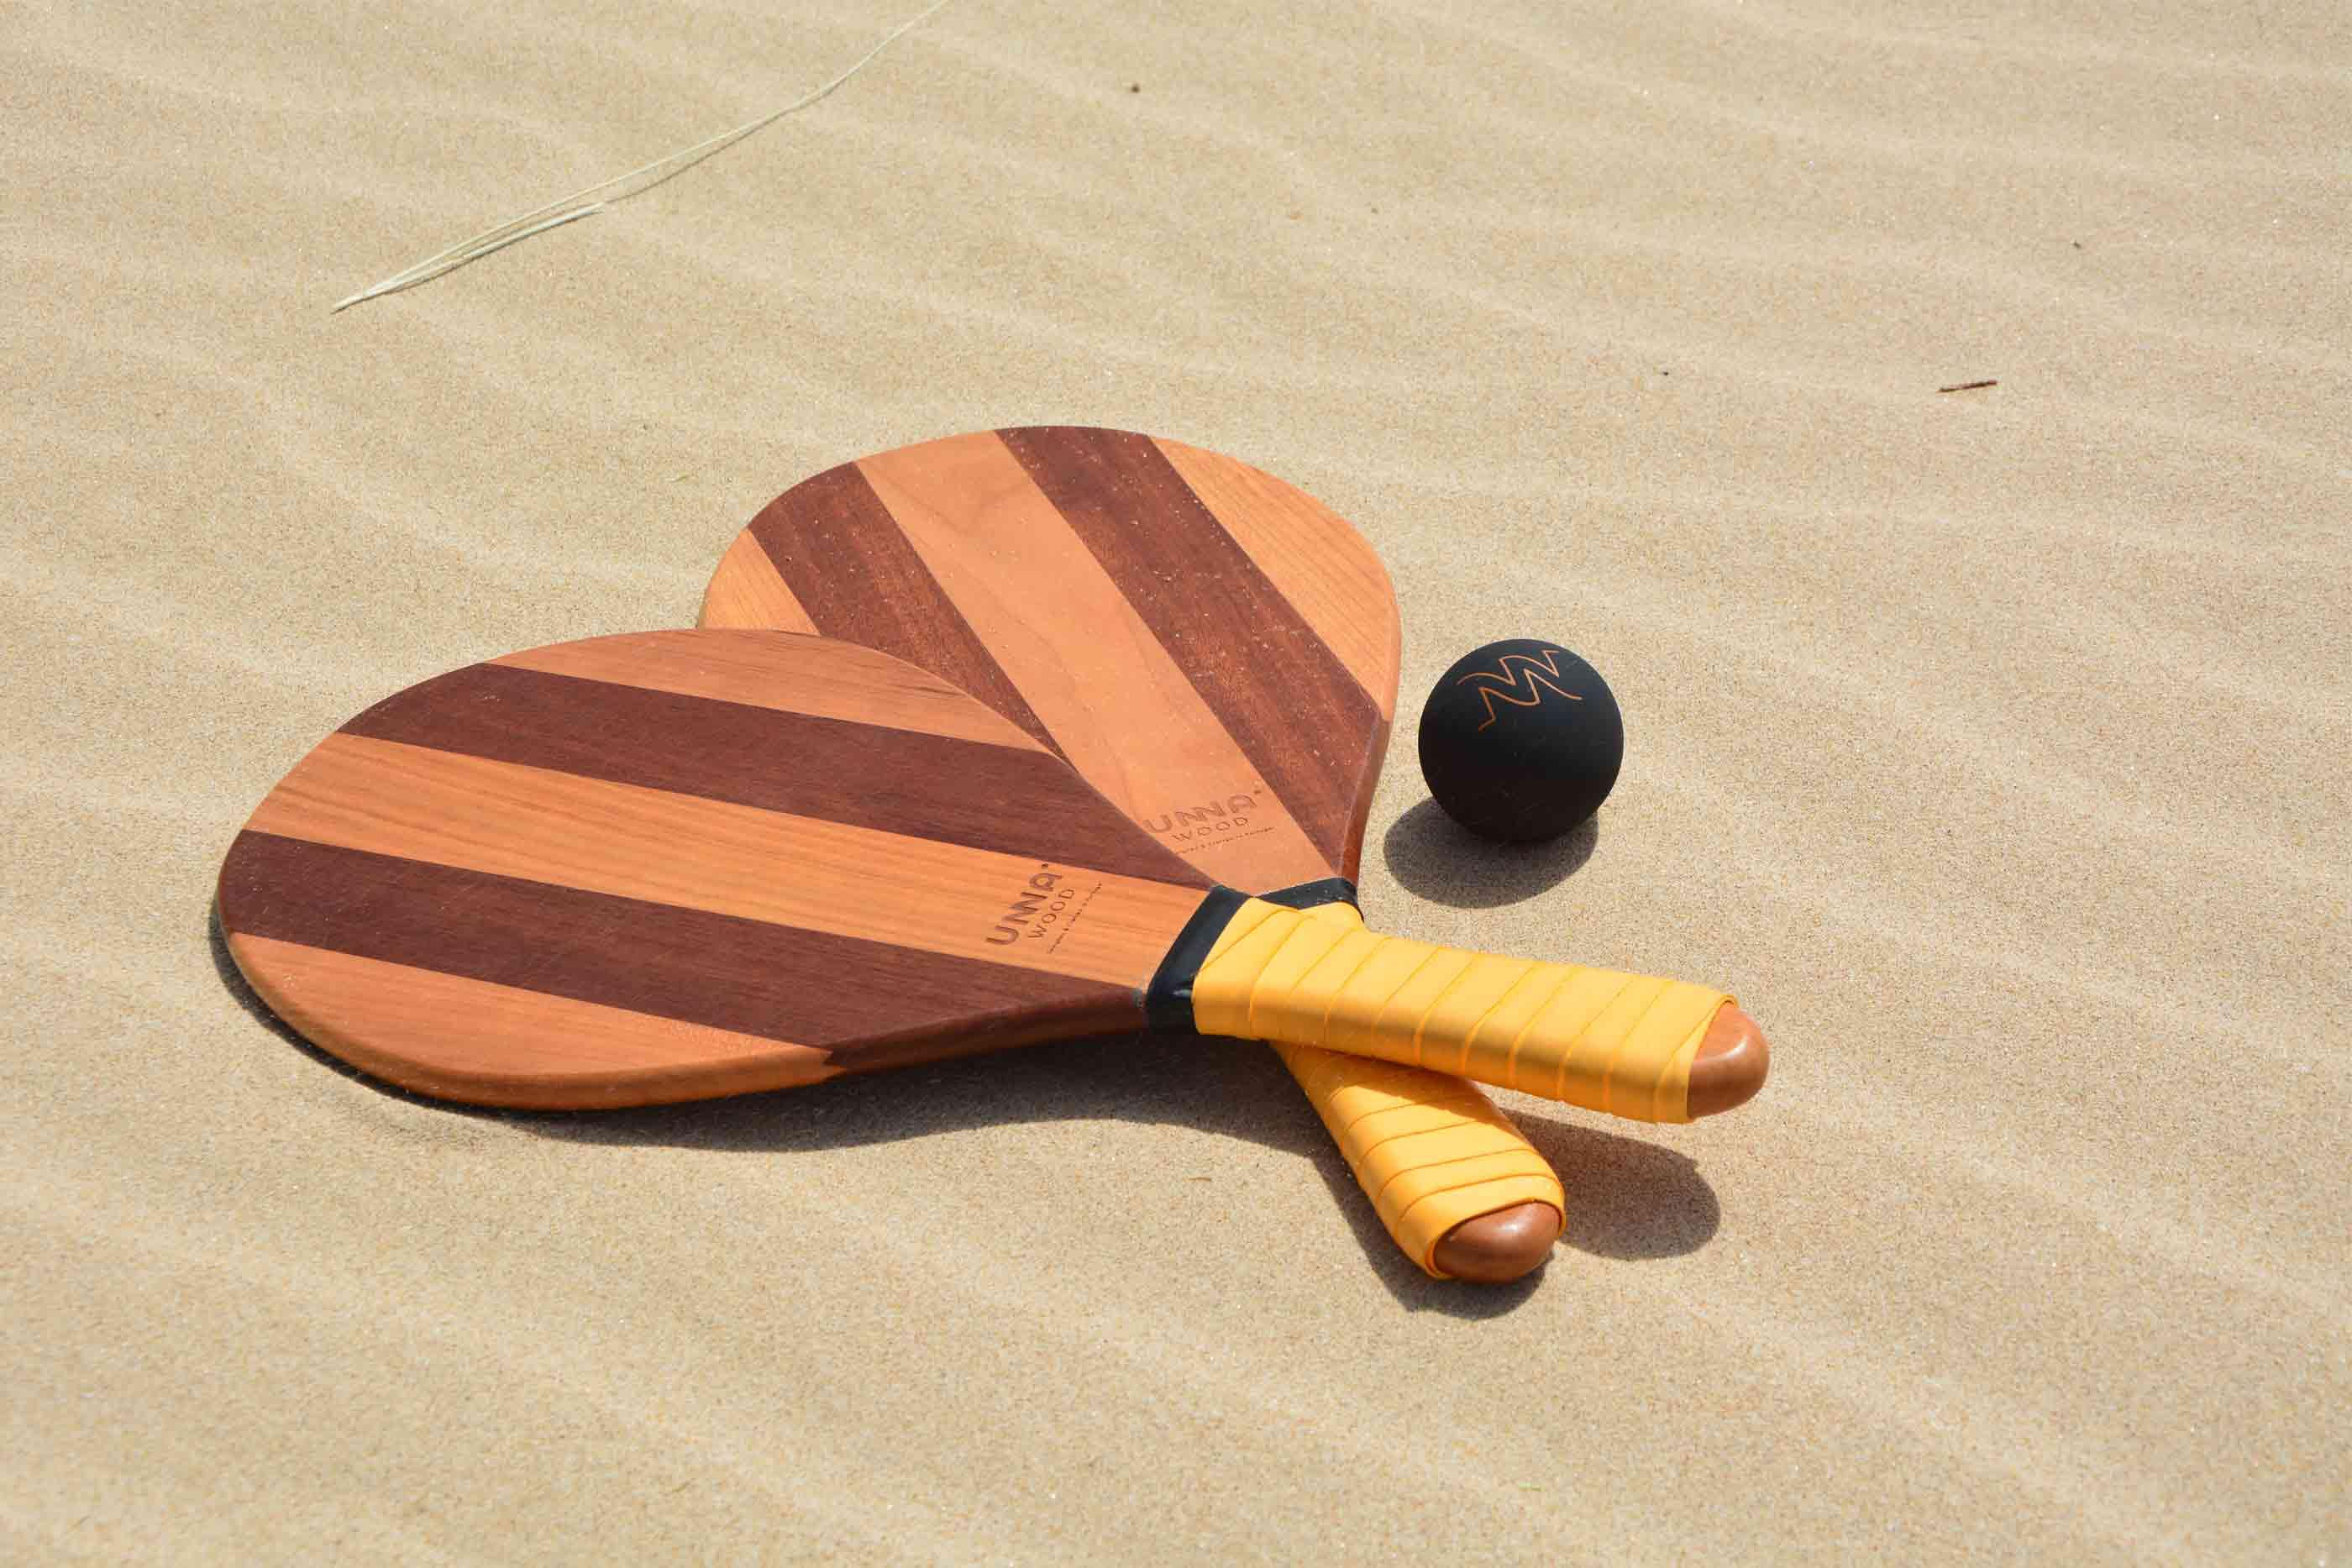 Duas raquetes de praia e uma bola preta na areia